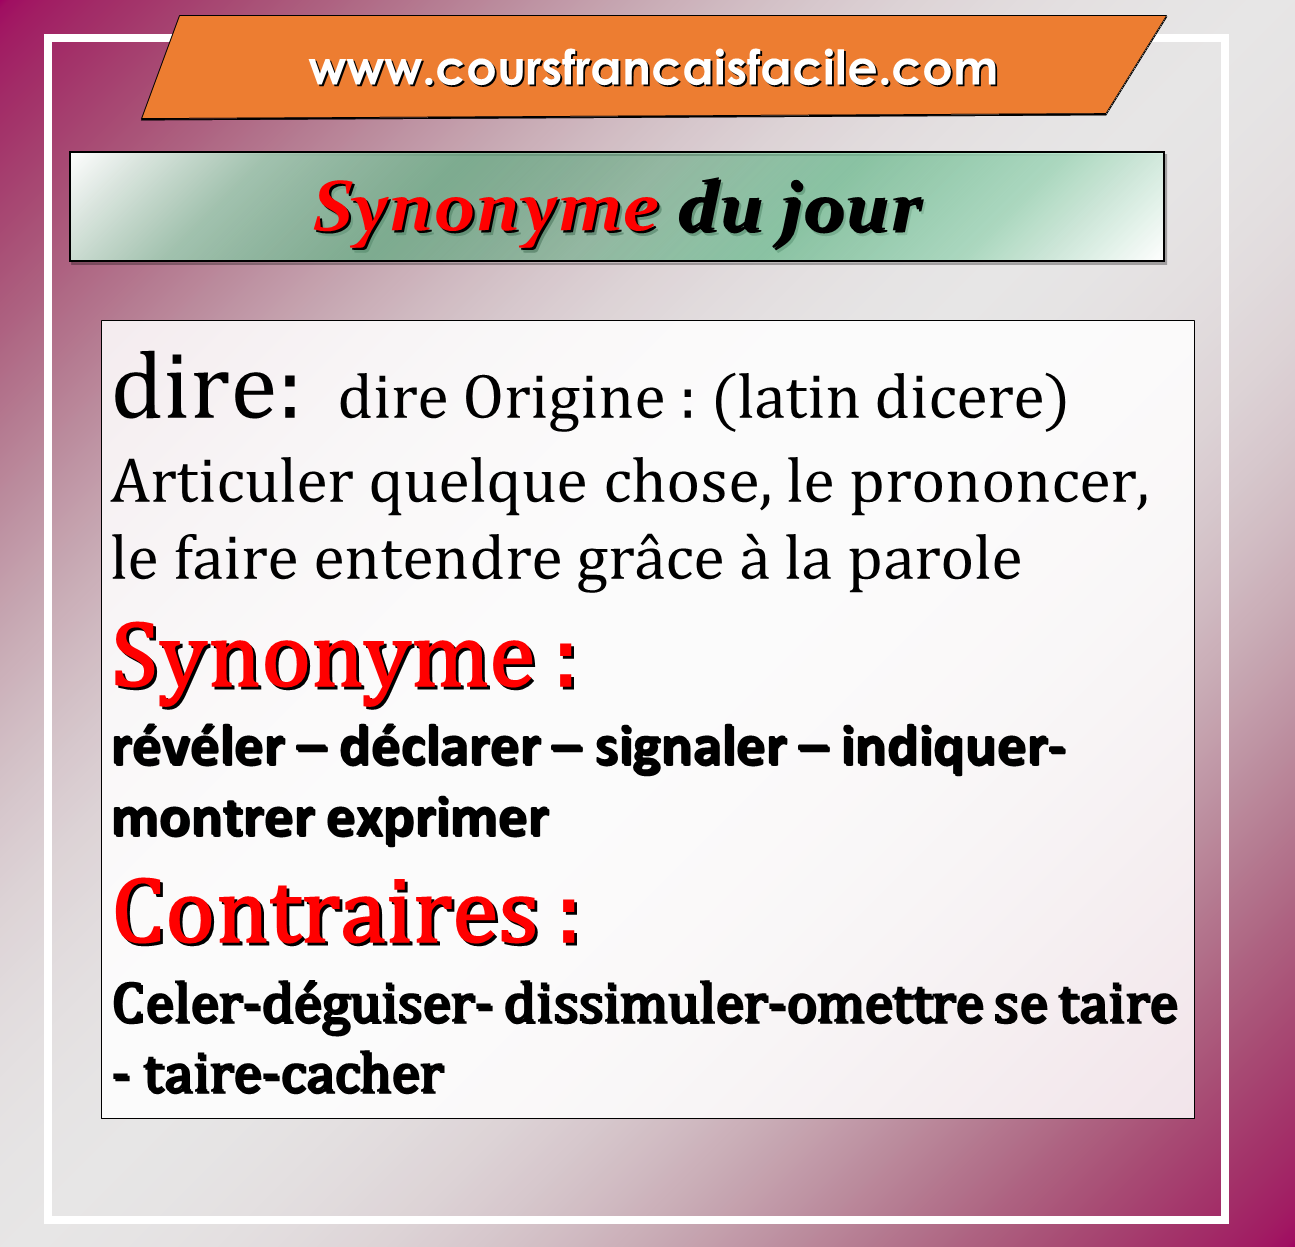 Epingle Par Cours De Francais Facile Sur Cours De Francais Apprendre Le Francais Enseignement Du Francais Types De Textes